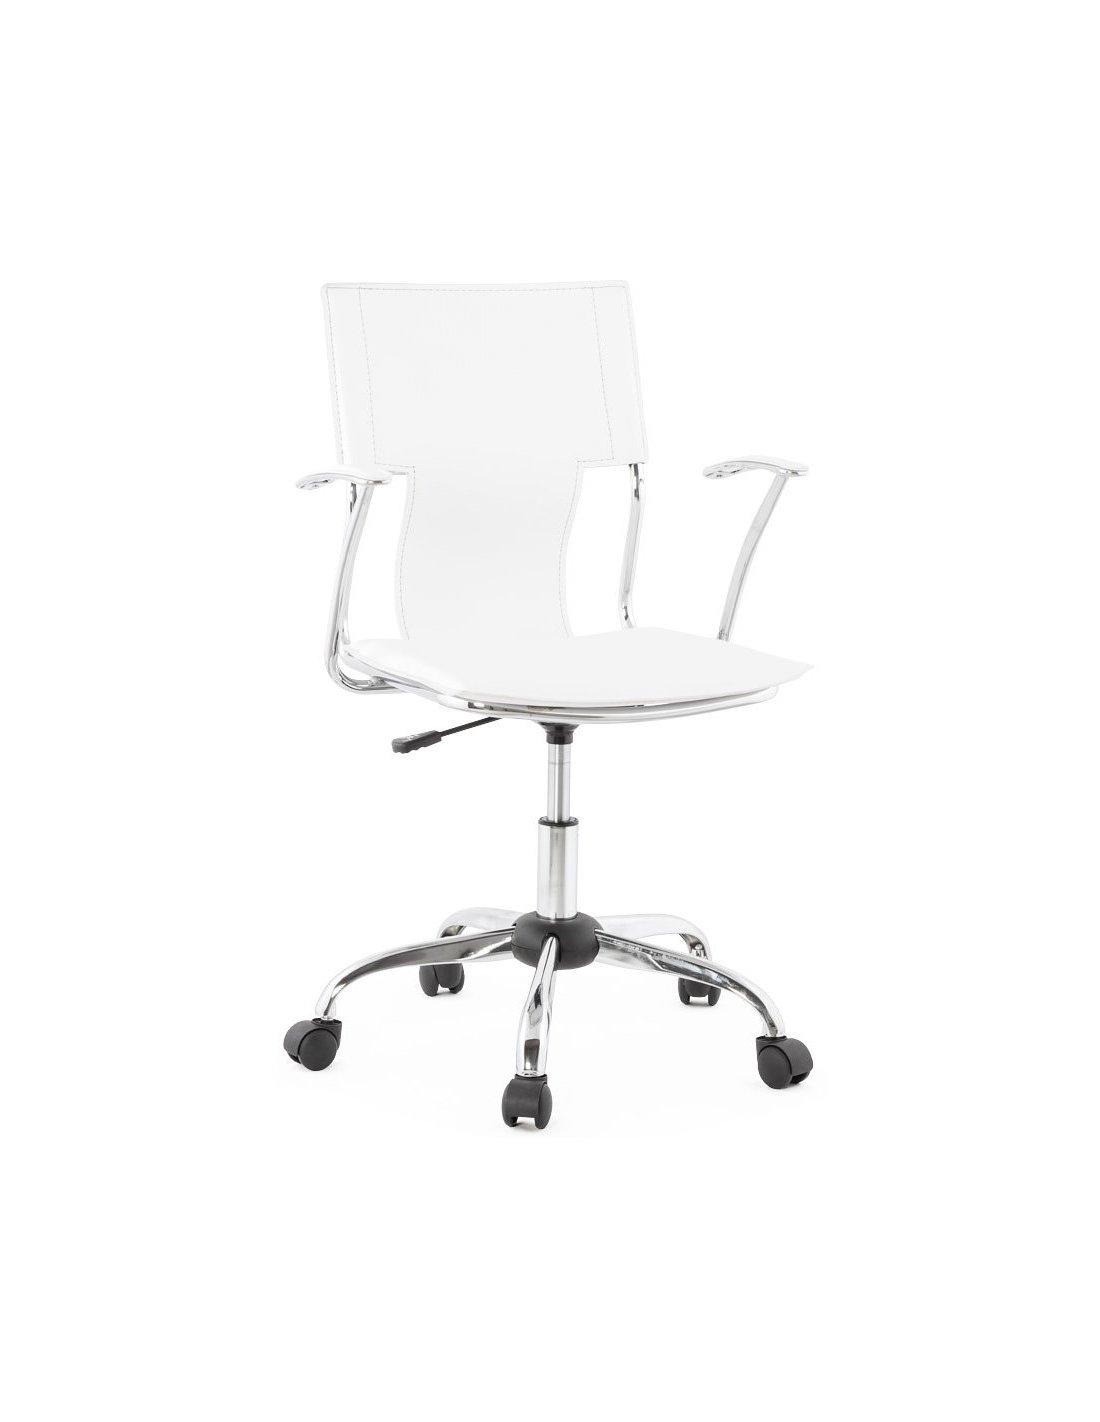 Fauteuil de bureau OXFORD   Kokoon Design   Blanc